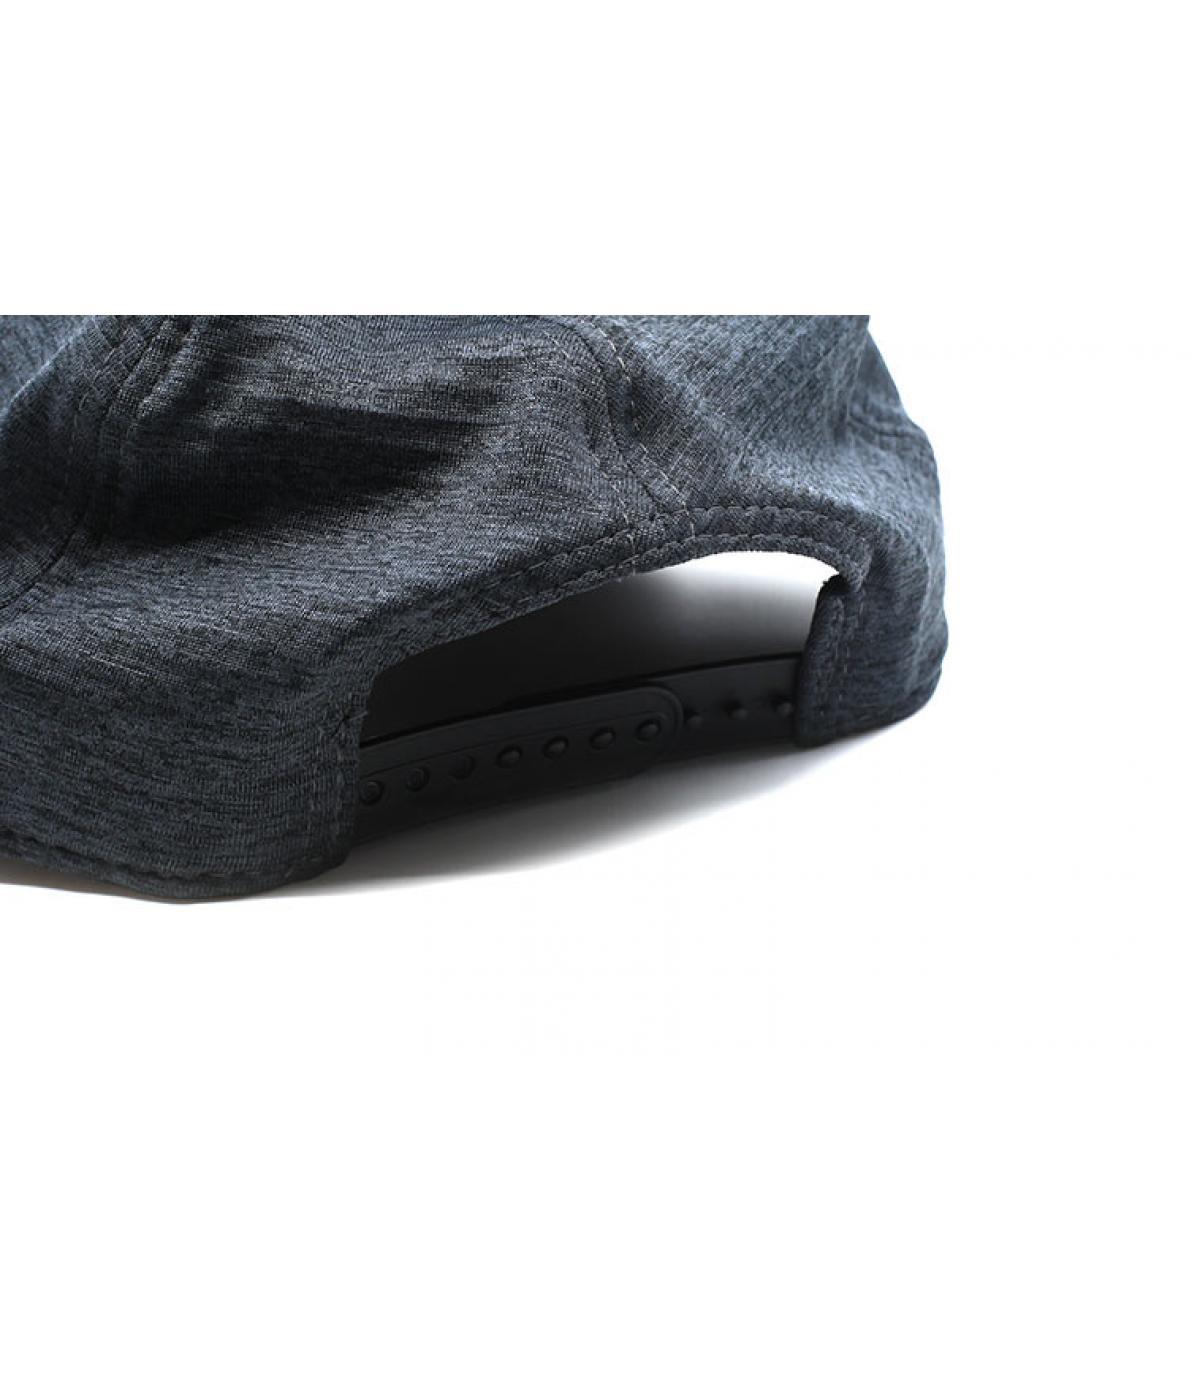 Dettagli NY Dryswitch Jersey A Frame black gray - image 5